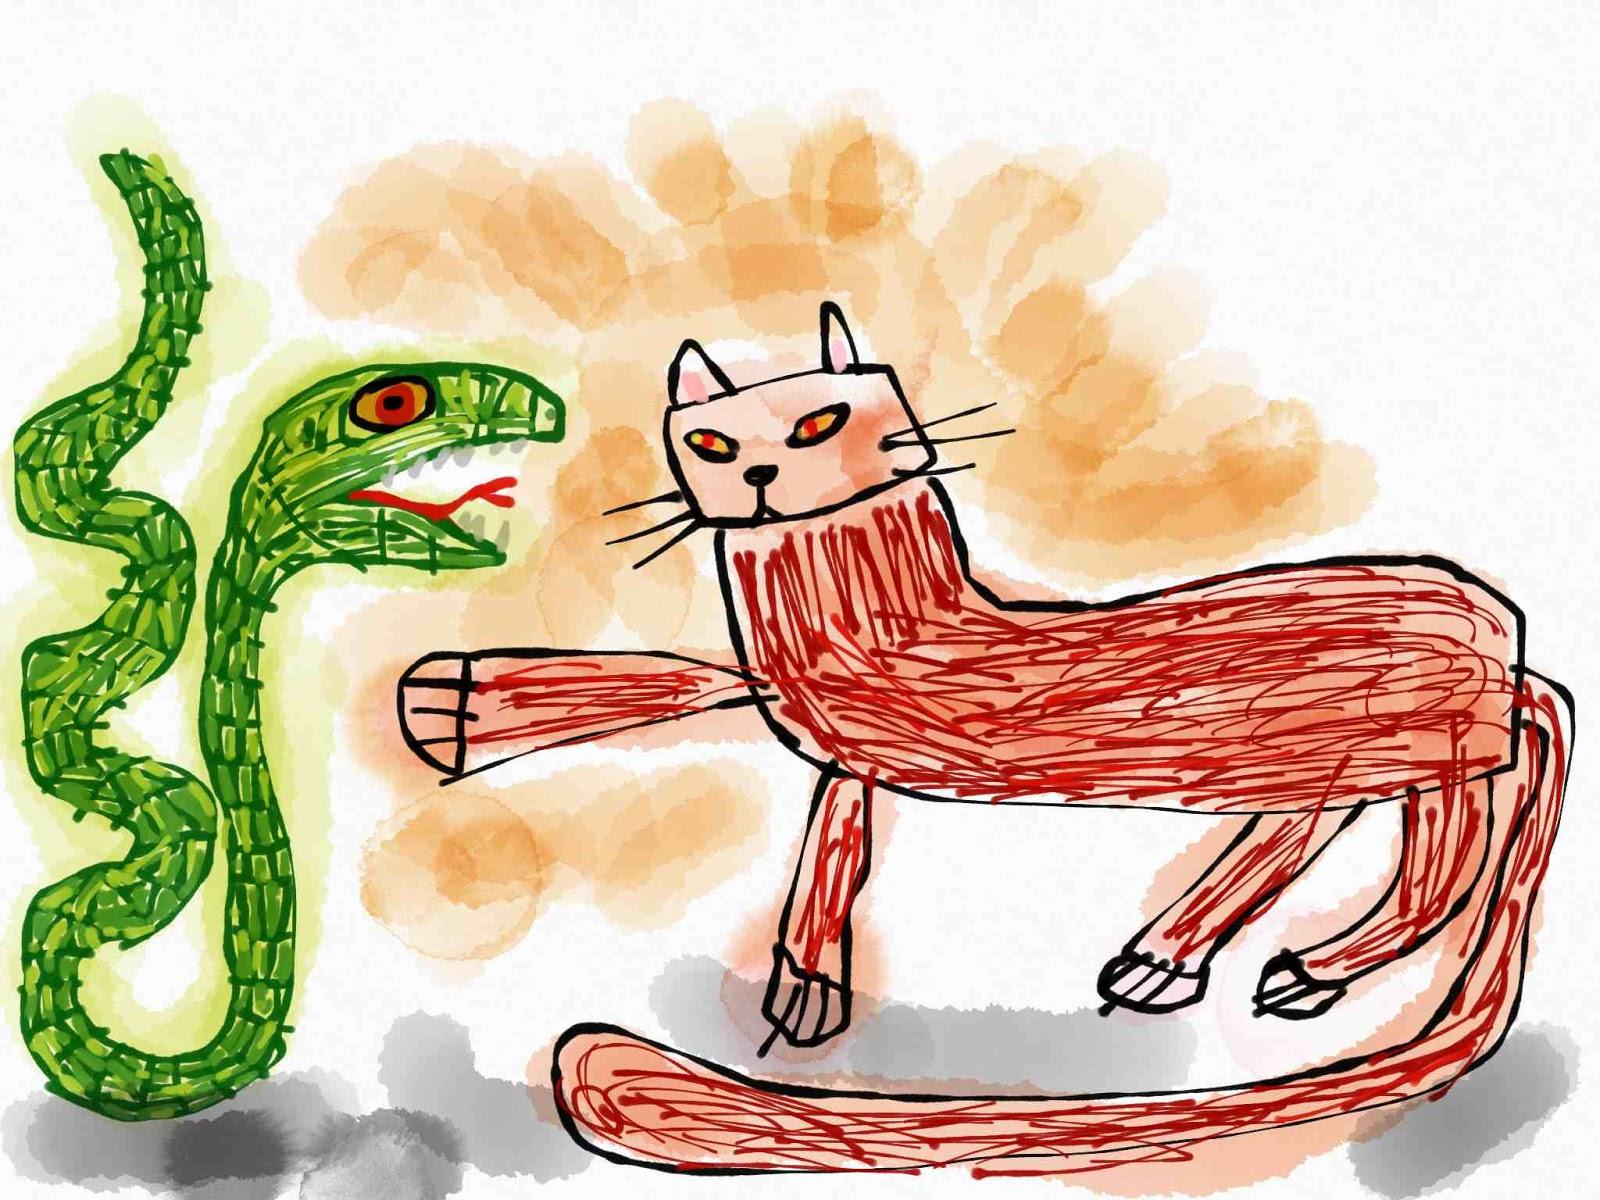 蛇と闘う猫の夢の夢占い 猫の夢の夢占い